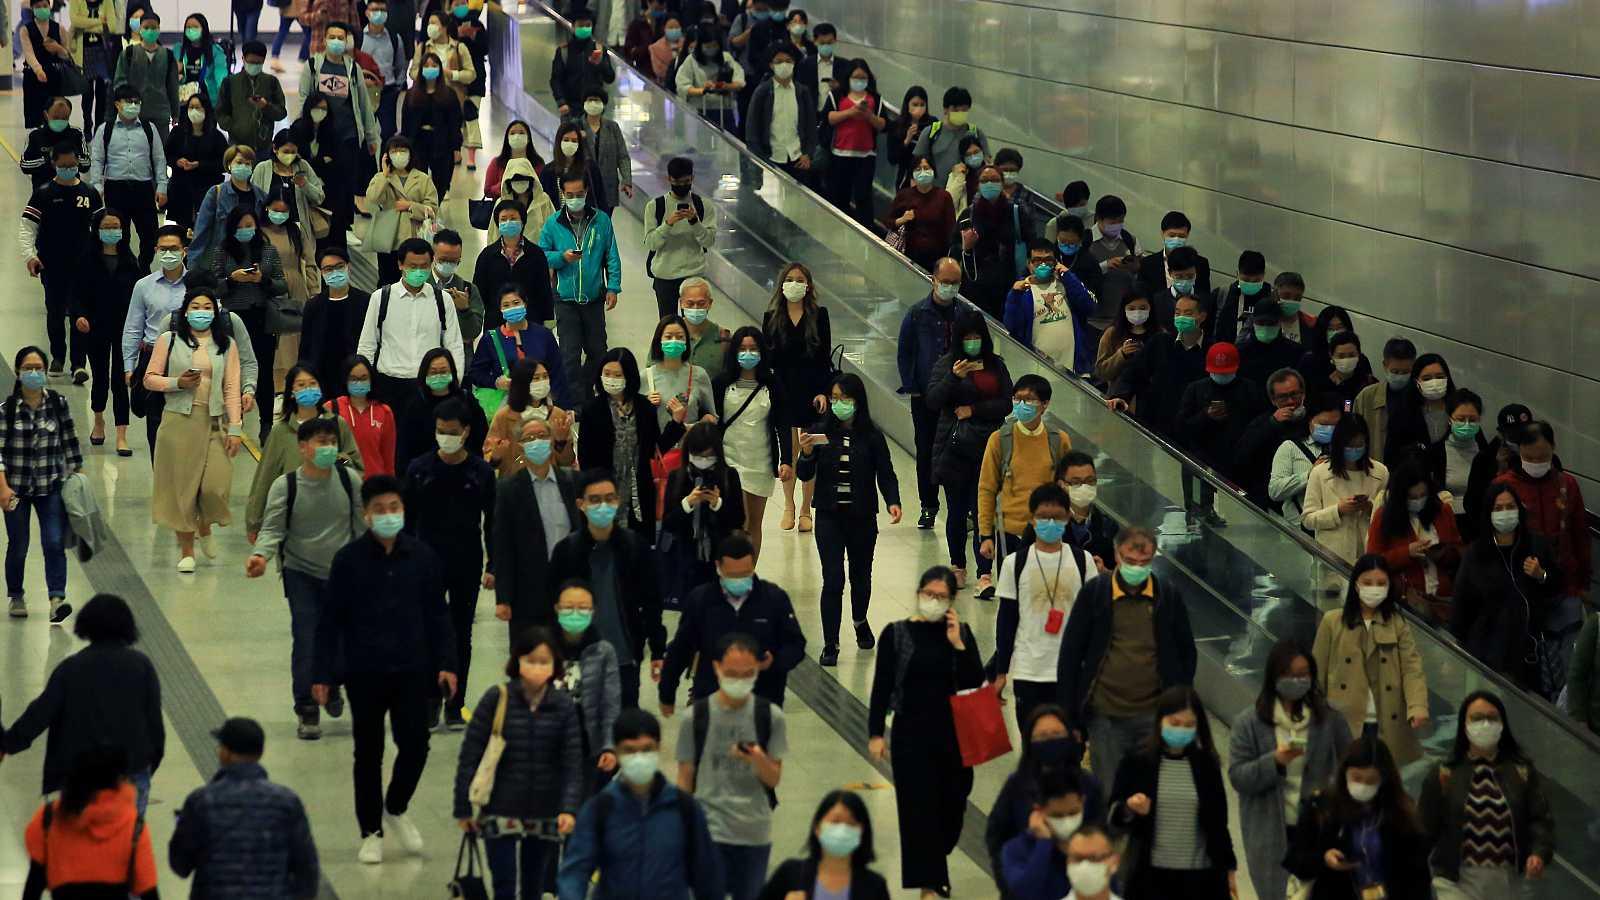 Personas con mascarilla en el transporte público.